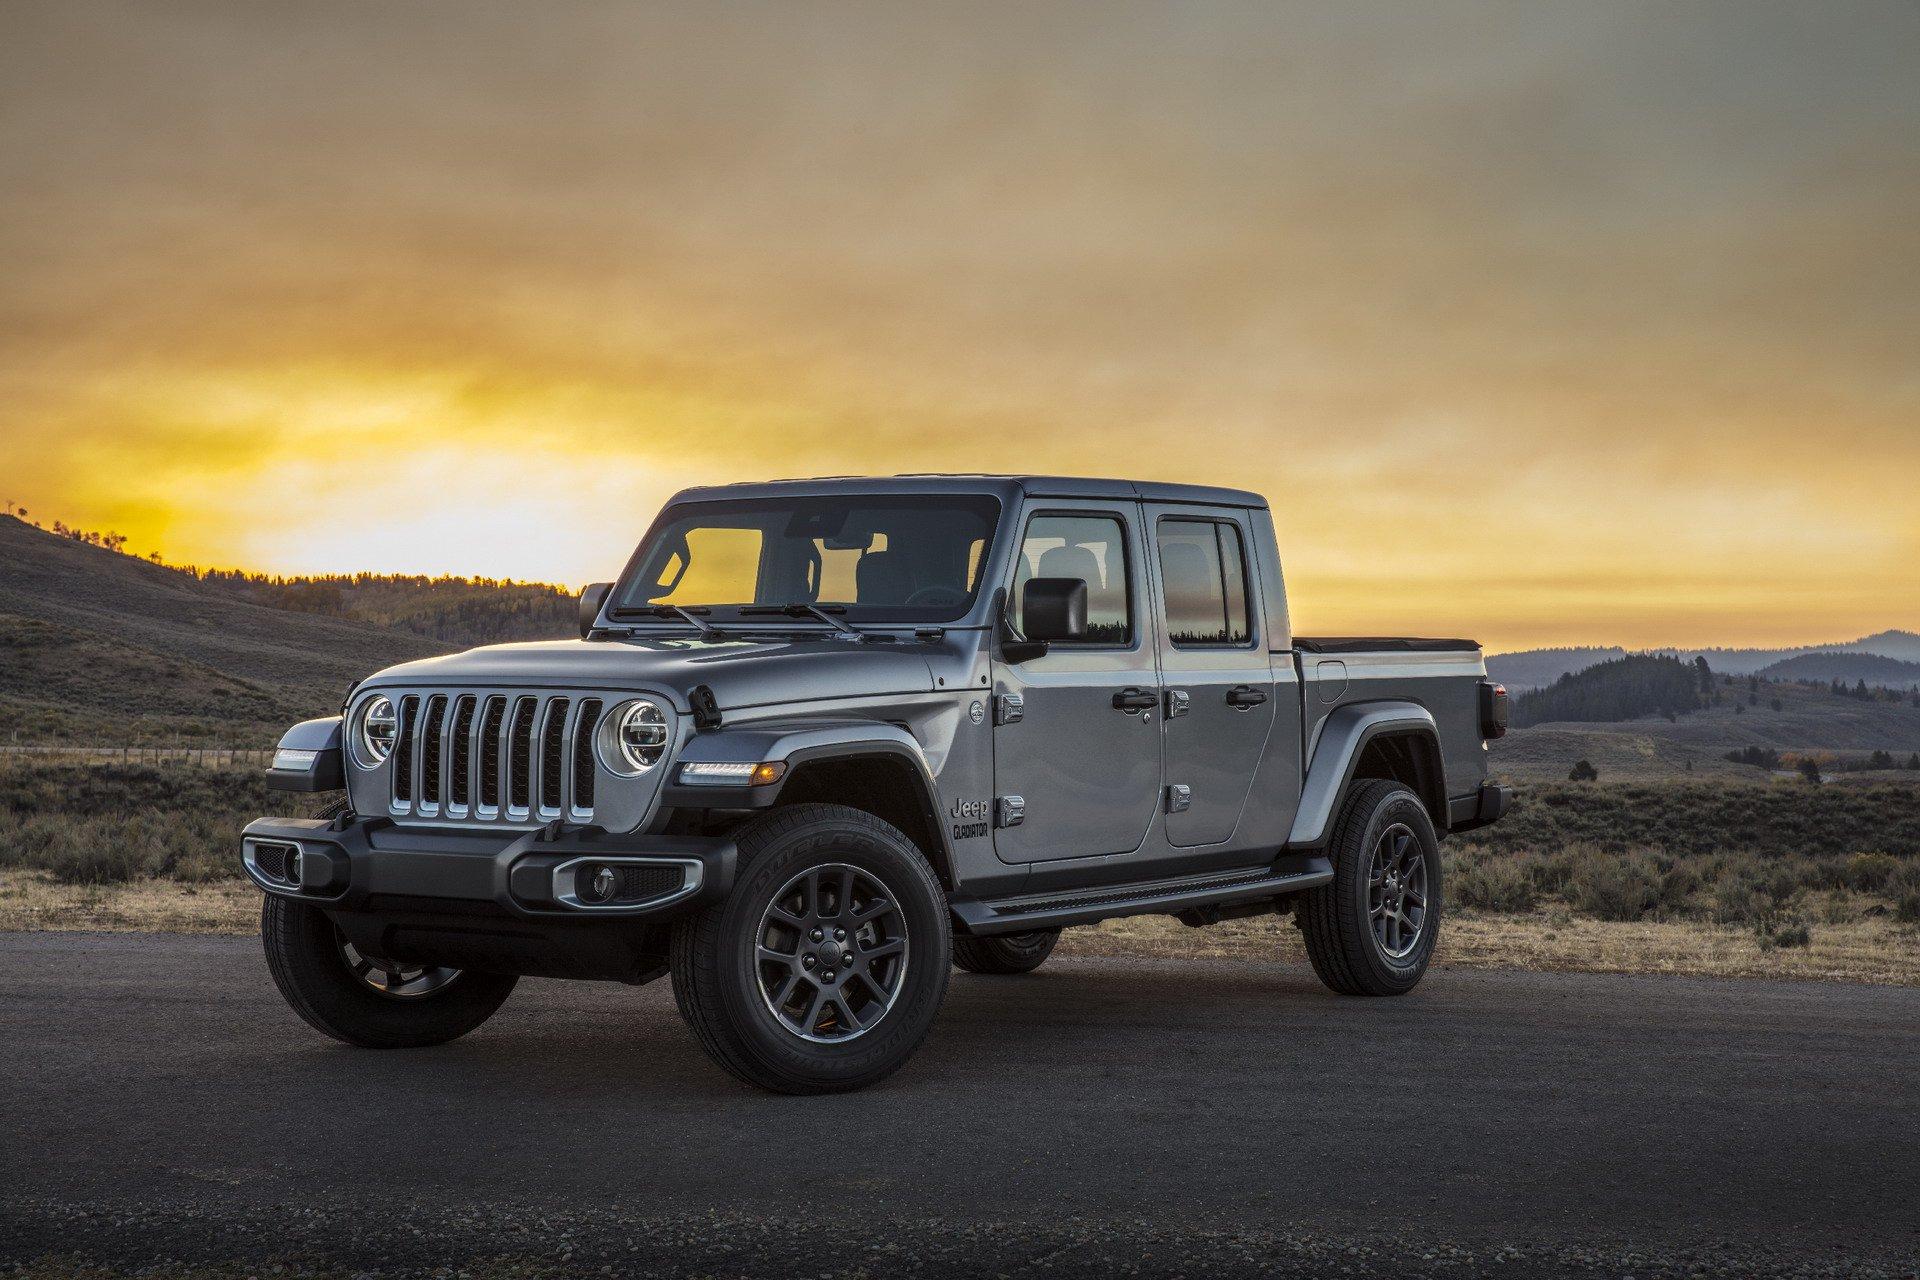 Jeep Gladiator 2019 (144)